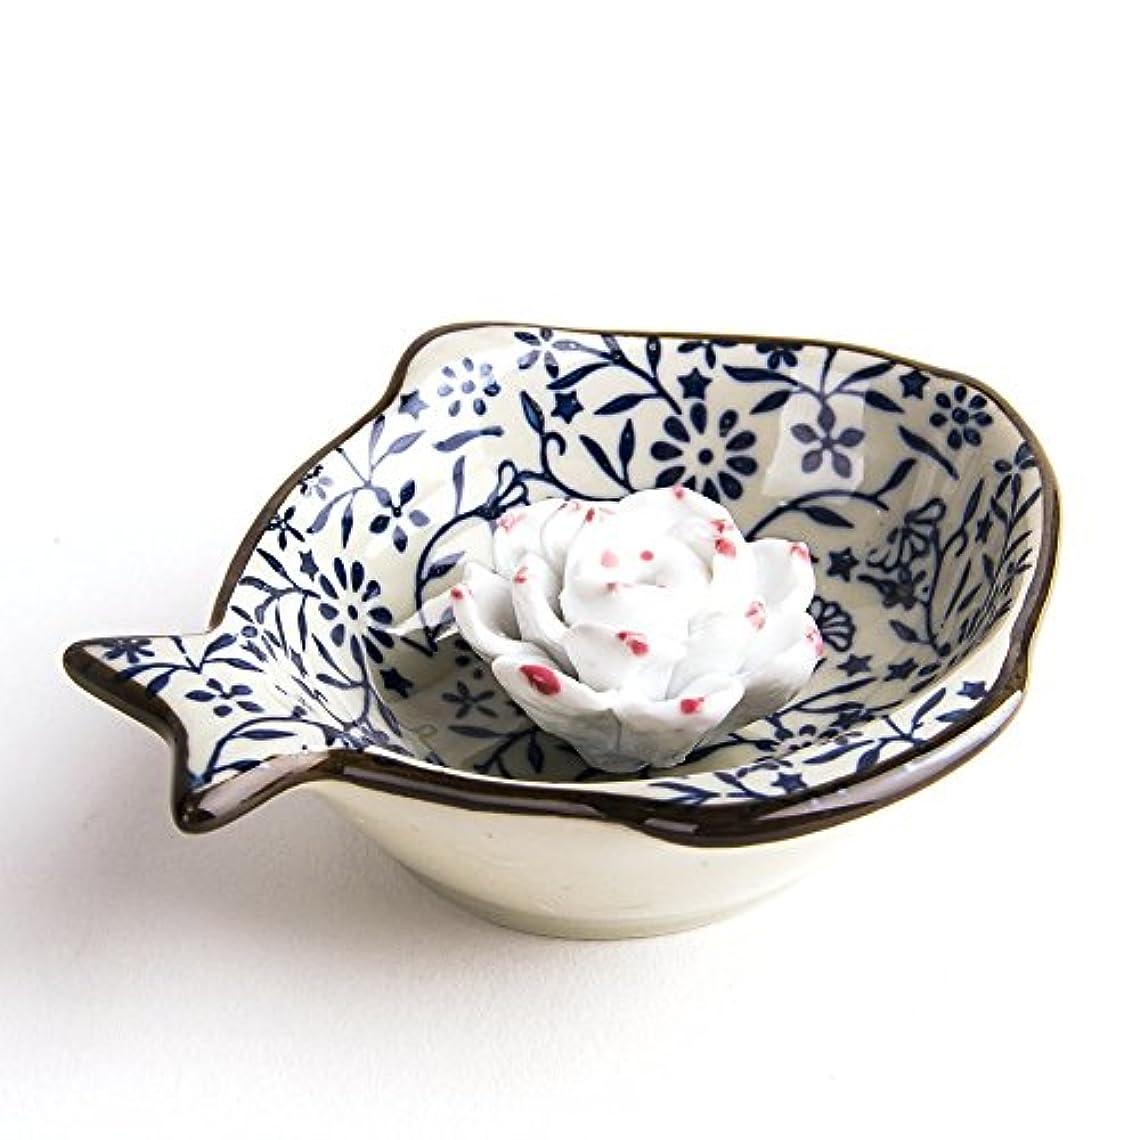 シーフードスキーム分解するお香立て お香たて 香の器 お香を焚いて 香皿,陶磁器、ブルー